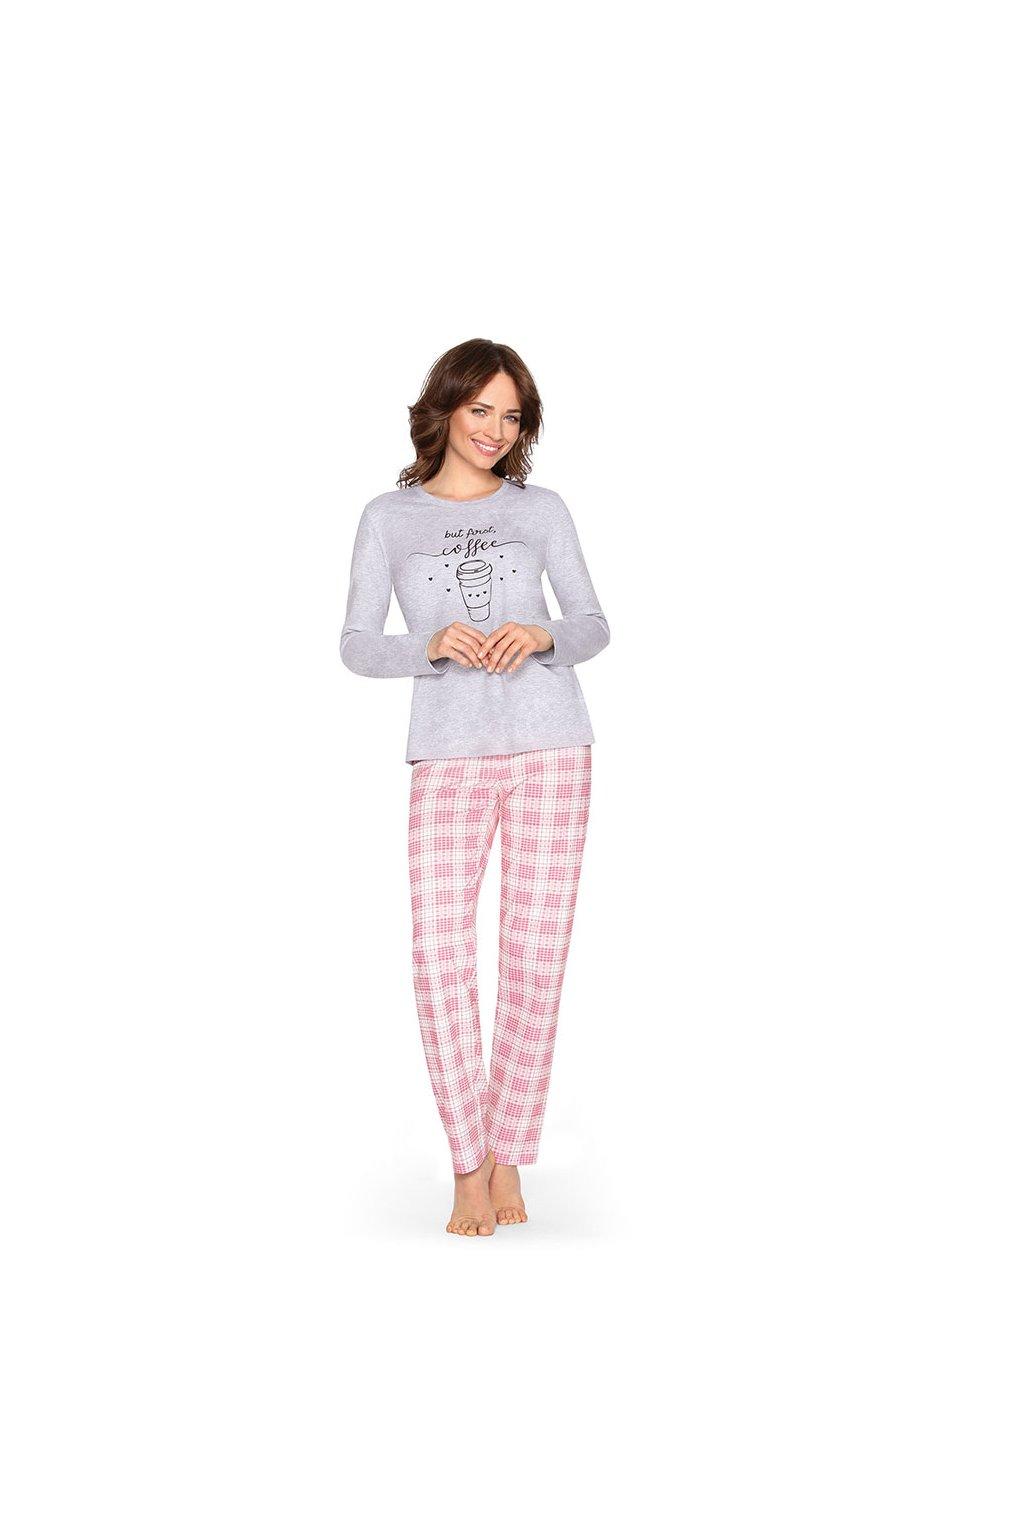 Dámské pyžamo s dlouhým rukávem, 104461 30, šedá